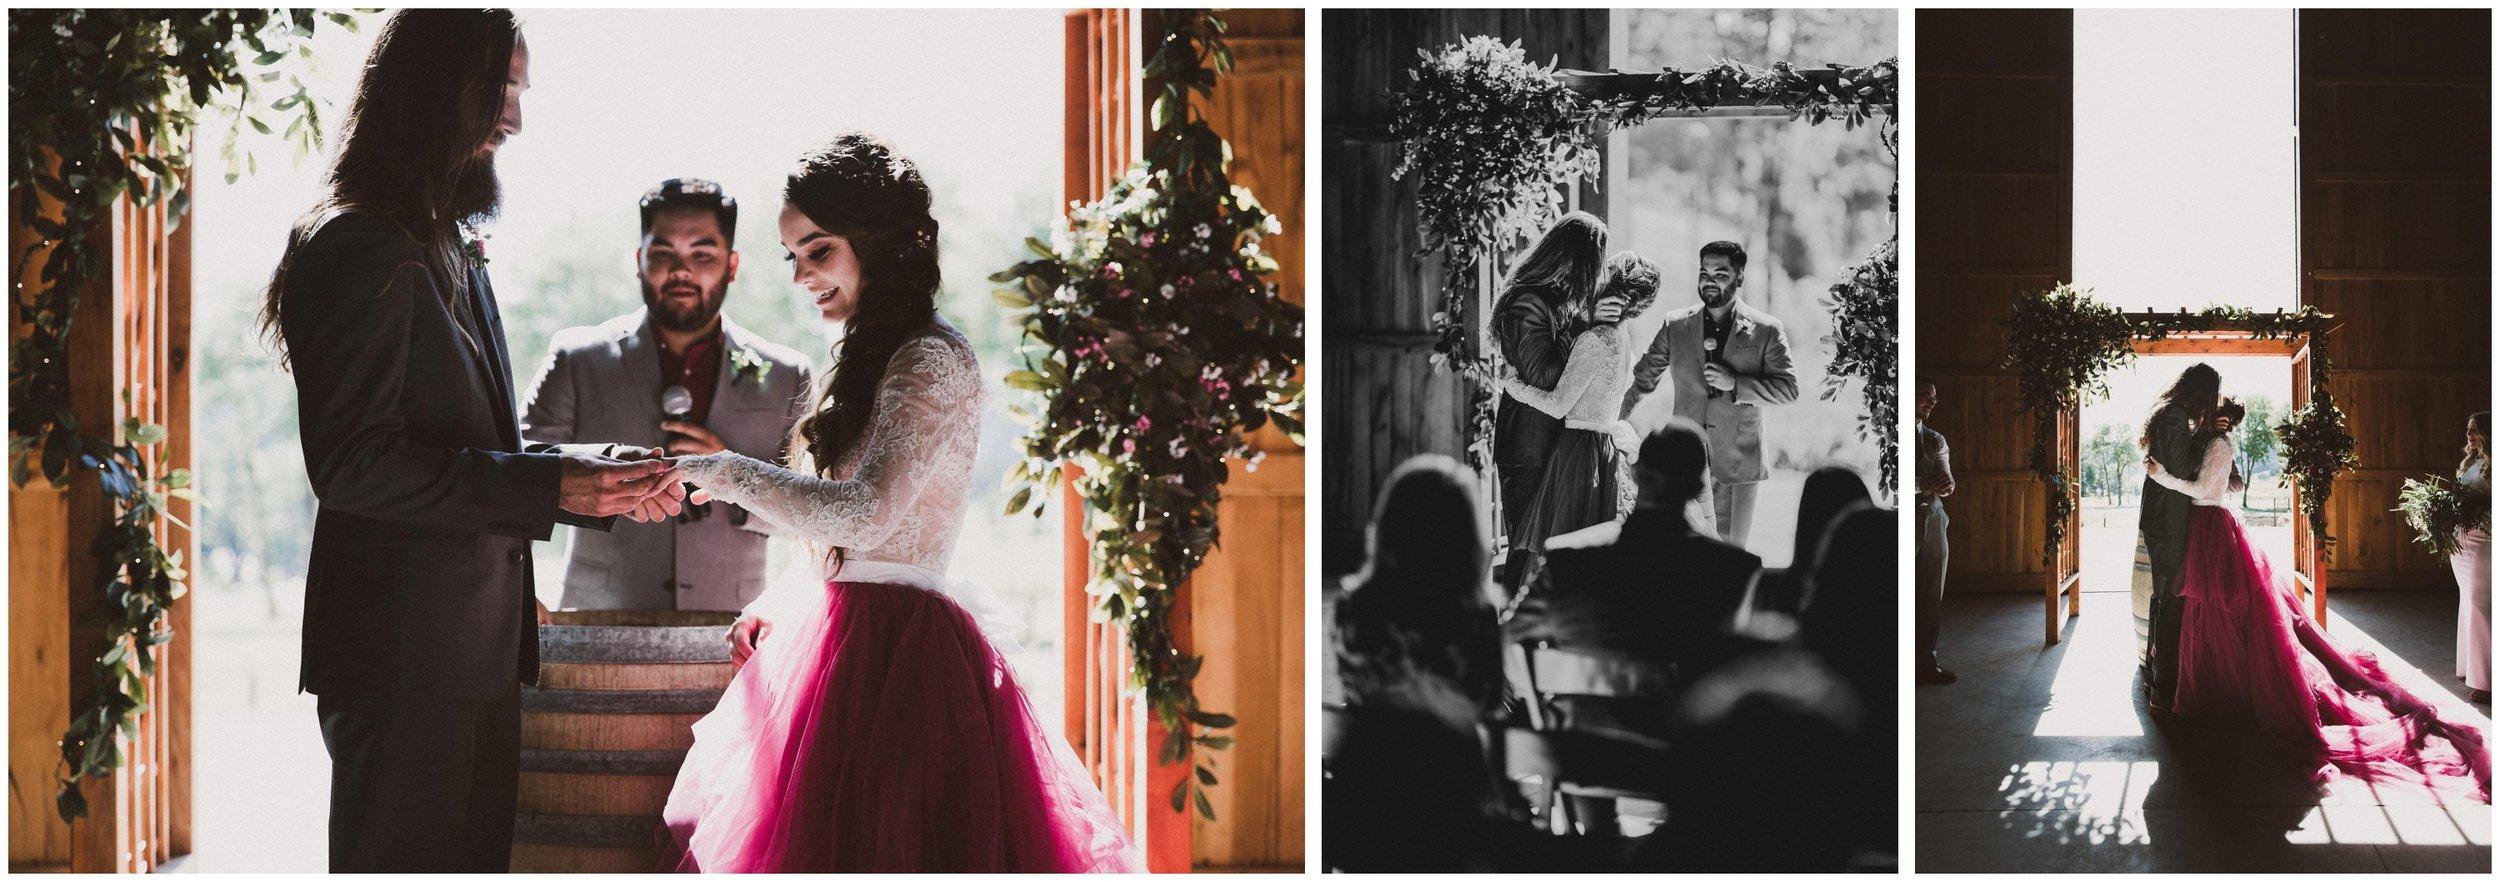 TONY-GAMBINO-PHOTOGRAPHY-BEND-OREGON-WEDDING-SHOOT-000_1524 kiss.jpg